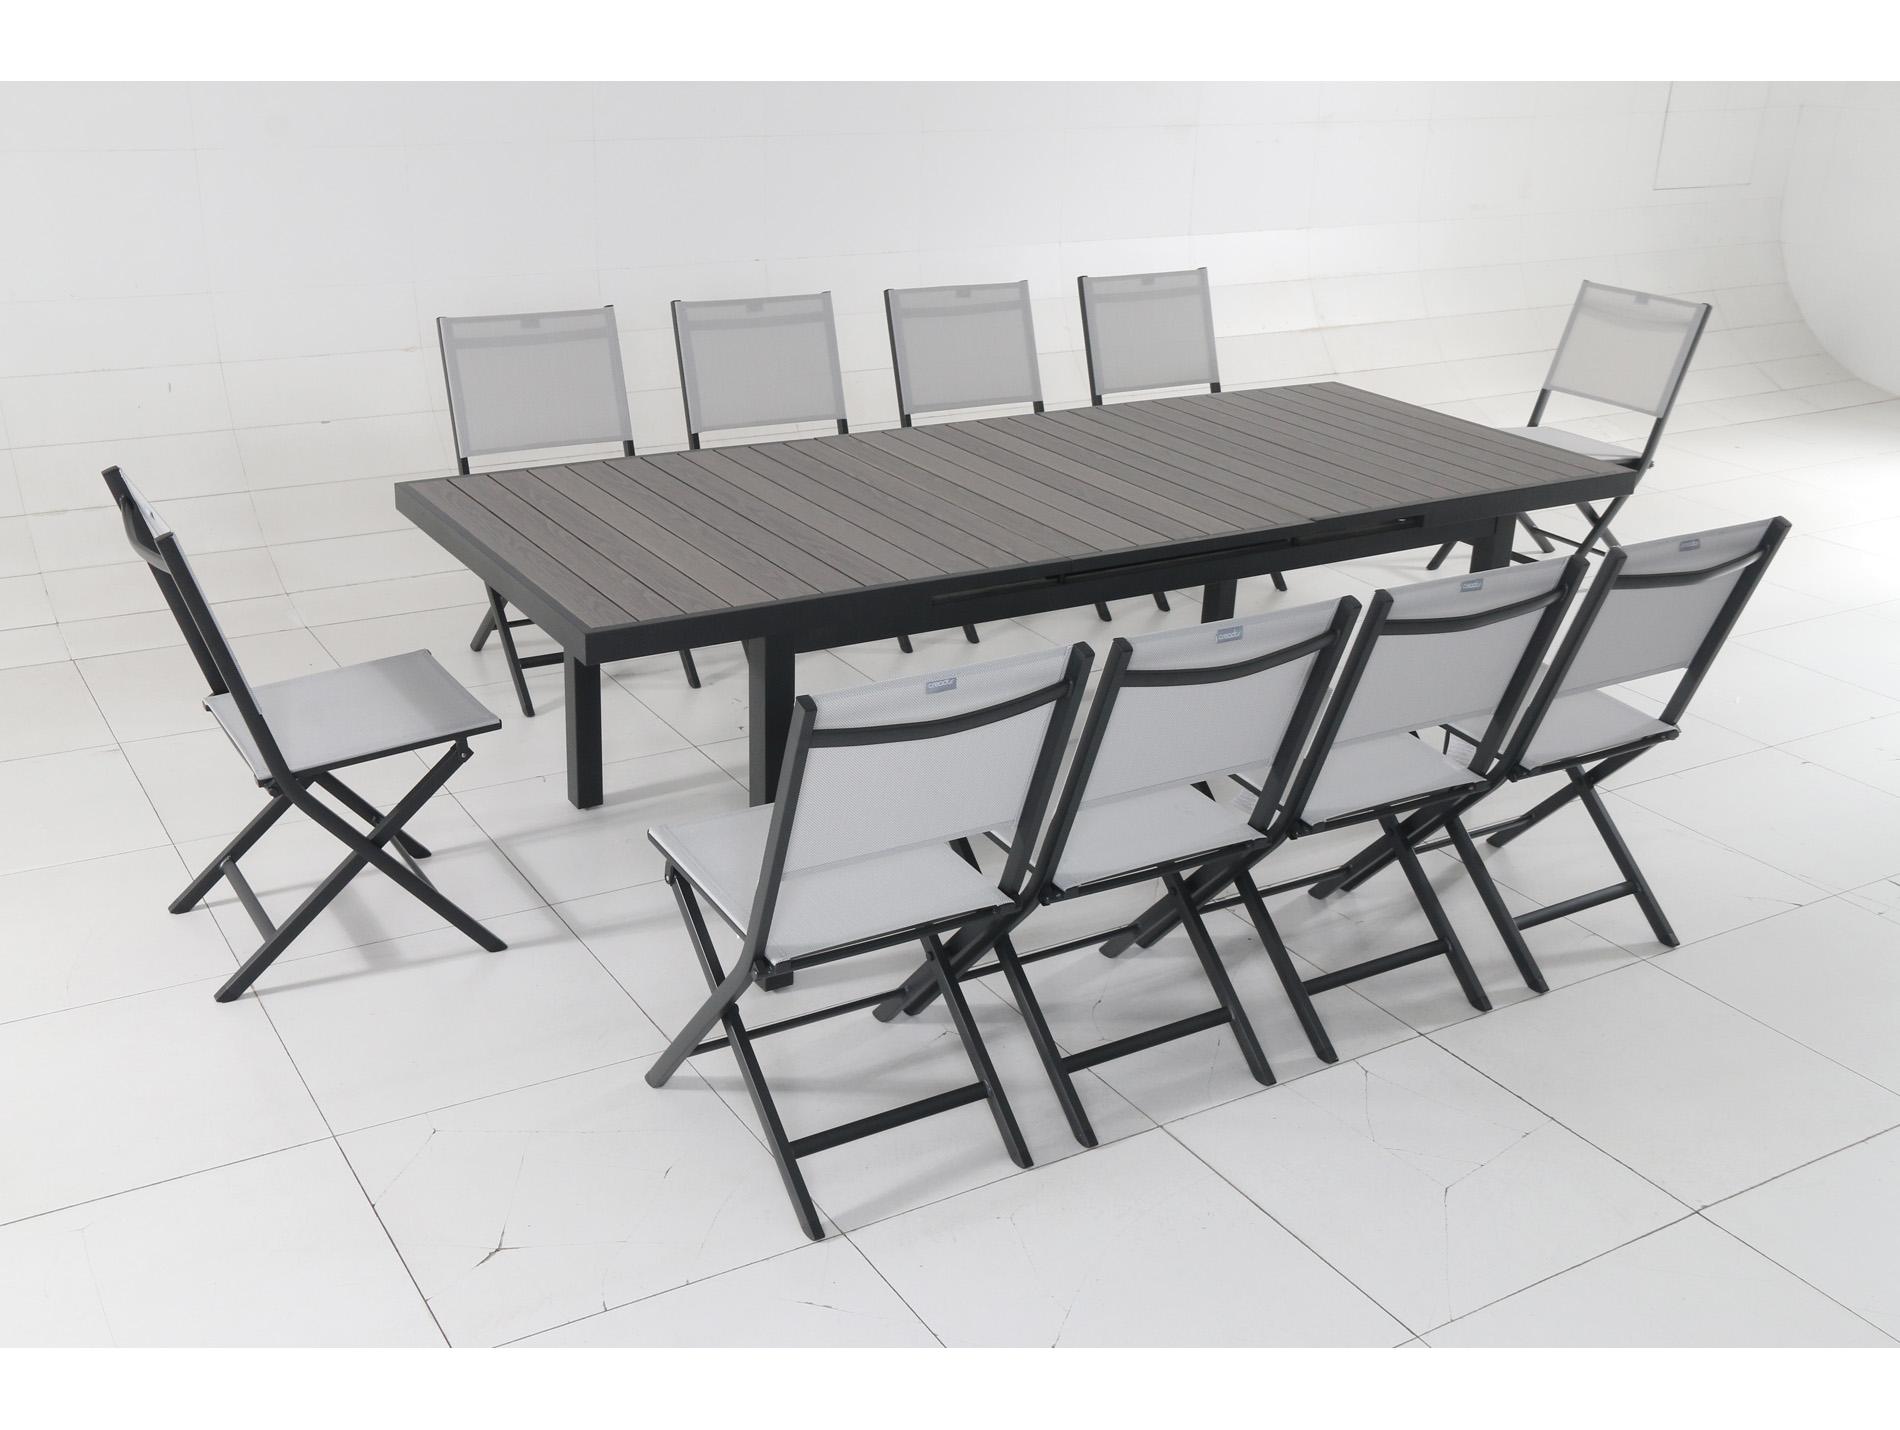 table aluminium bisca mobilier de jardin am nagement ext rieur. Black Bedroom Furniture Sets. Home Design Ideas